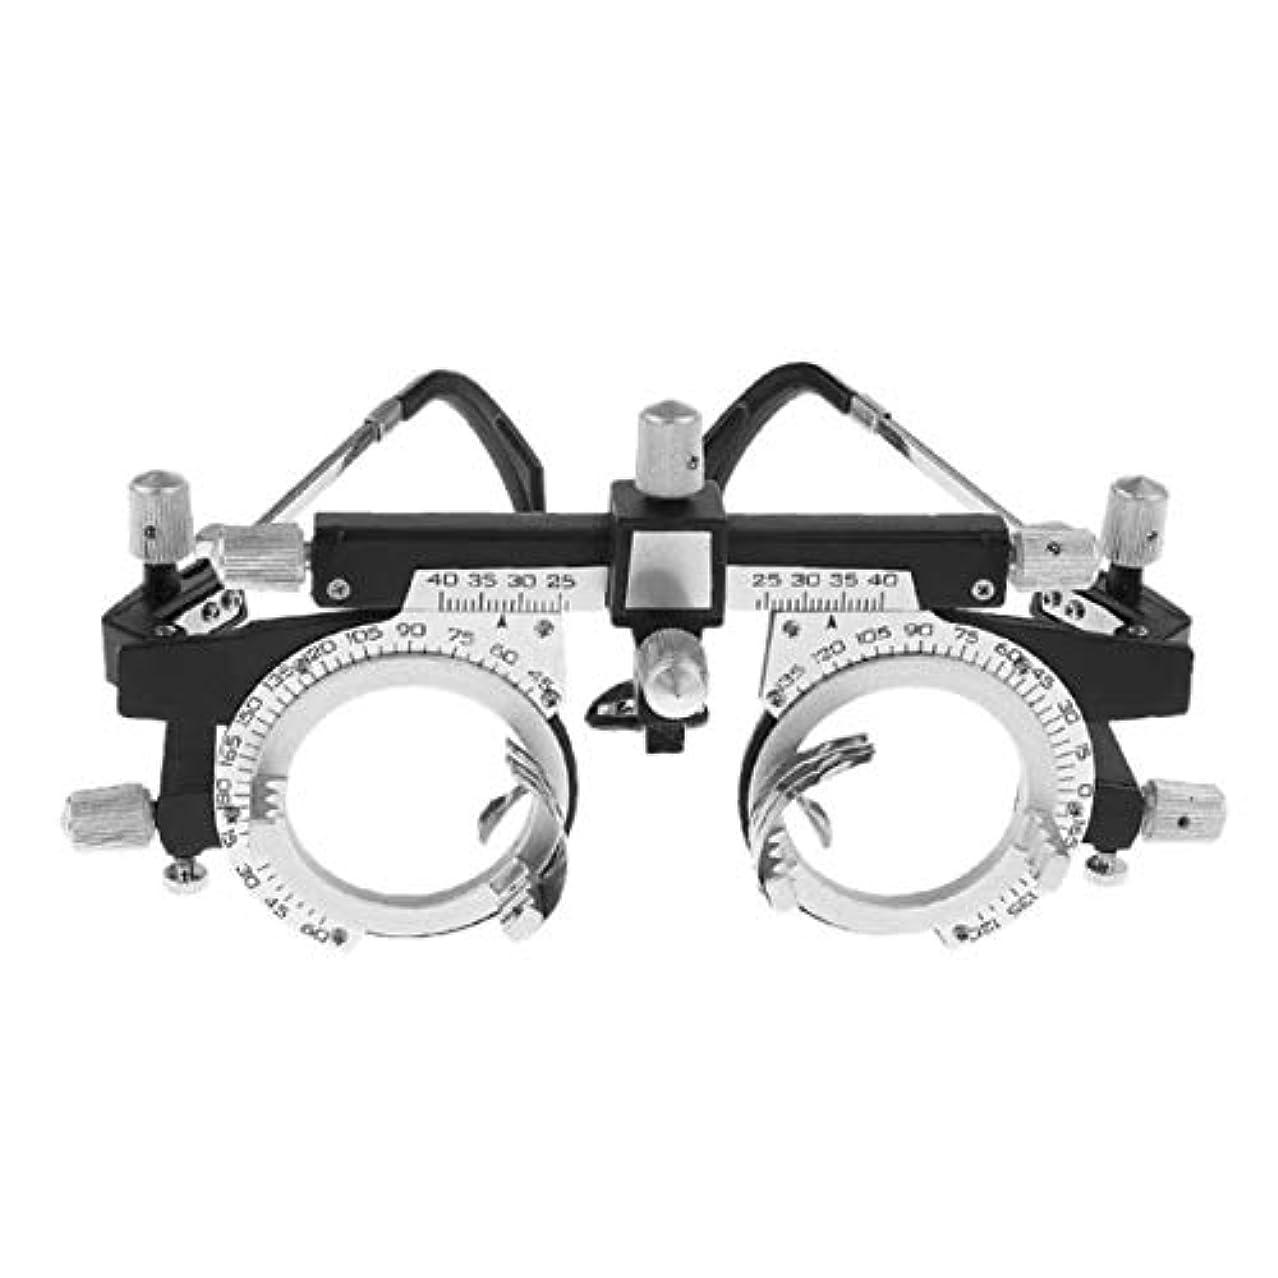 サイレン閉塞評論家調節可能なプロフェッショナルアイウェア検眼メタルフレーム光学オプティクストライアルレンズメタルフレームPDメガネアクセサリー - シルバー&ブラック